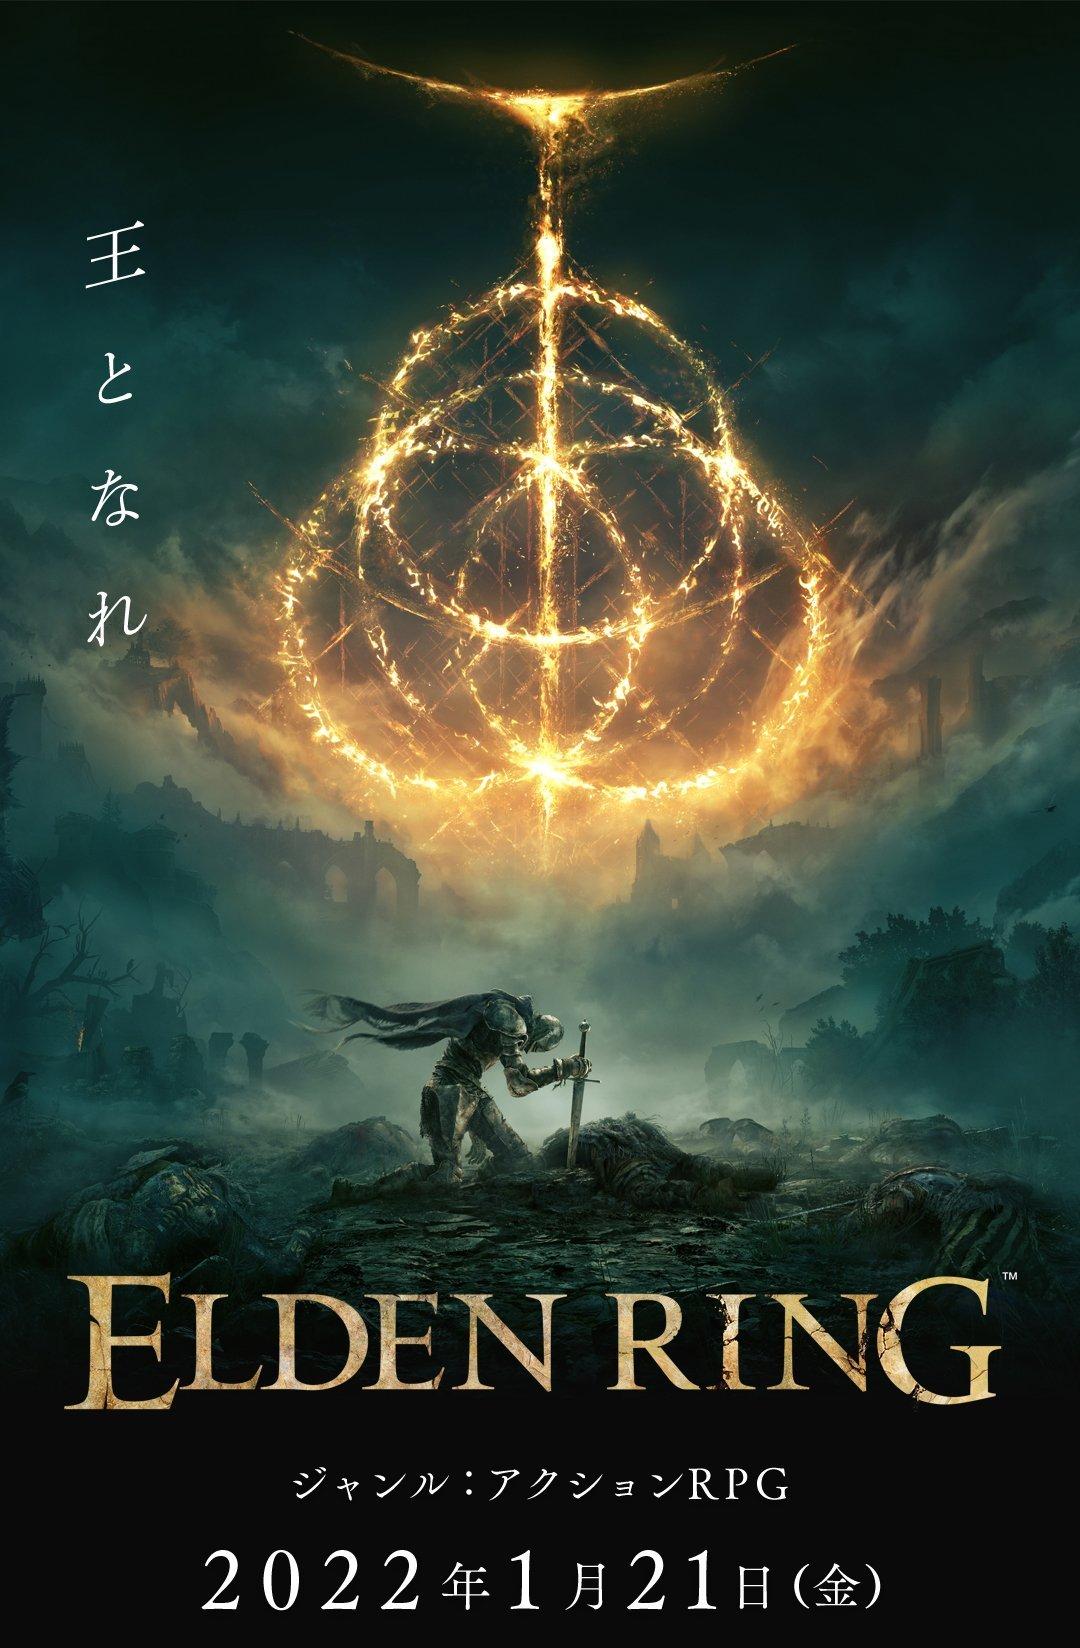 Elden Ring poster